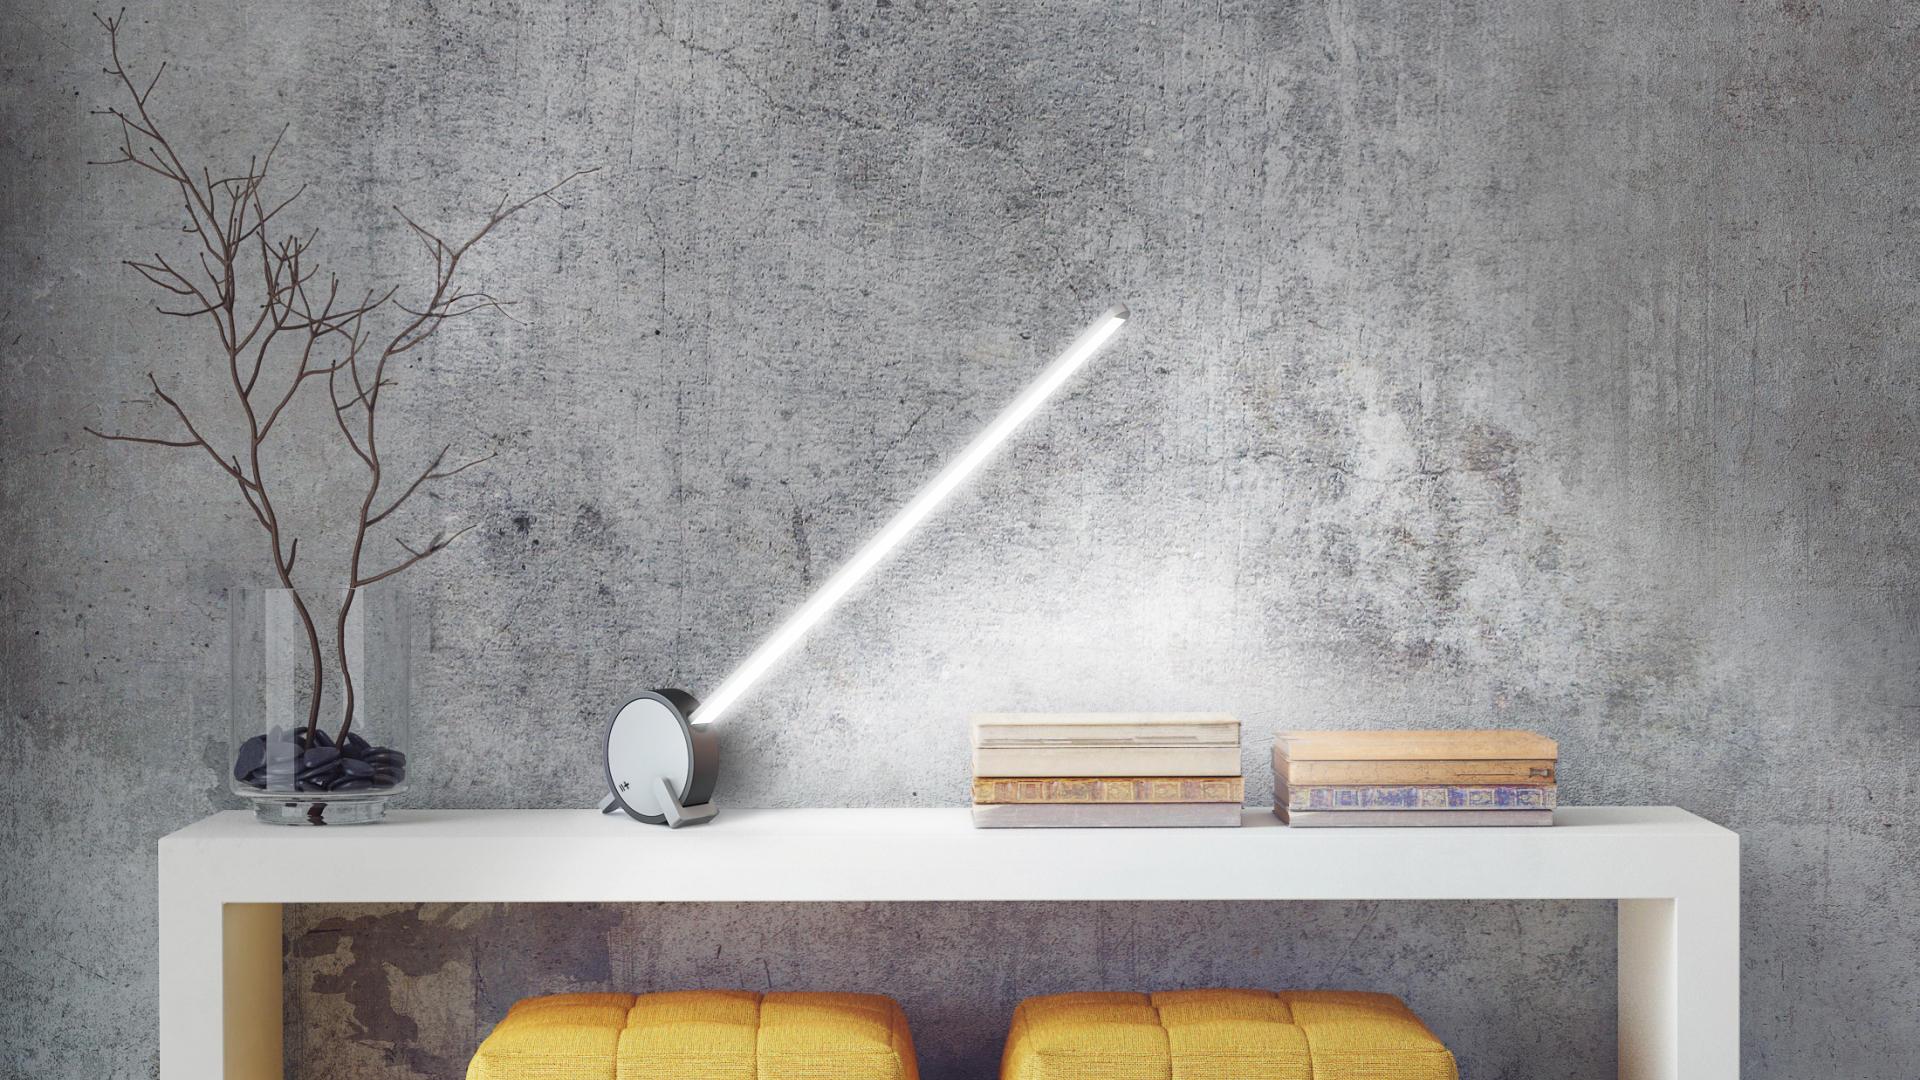 Vara Desk Lamp By Holy Trinity